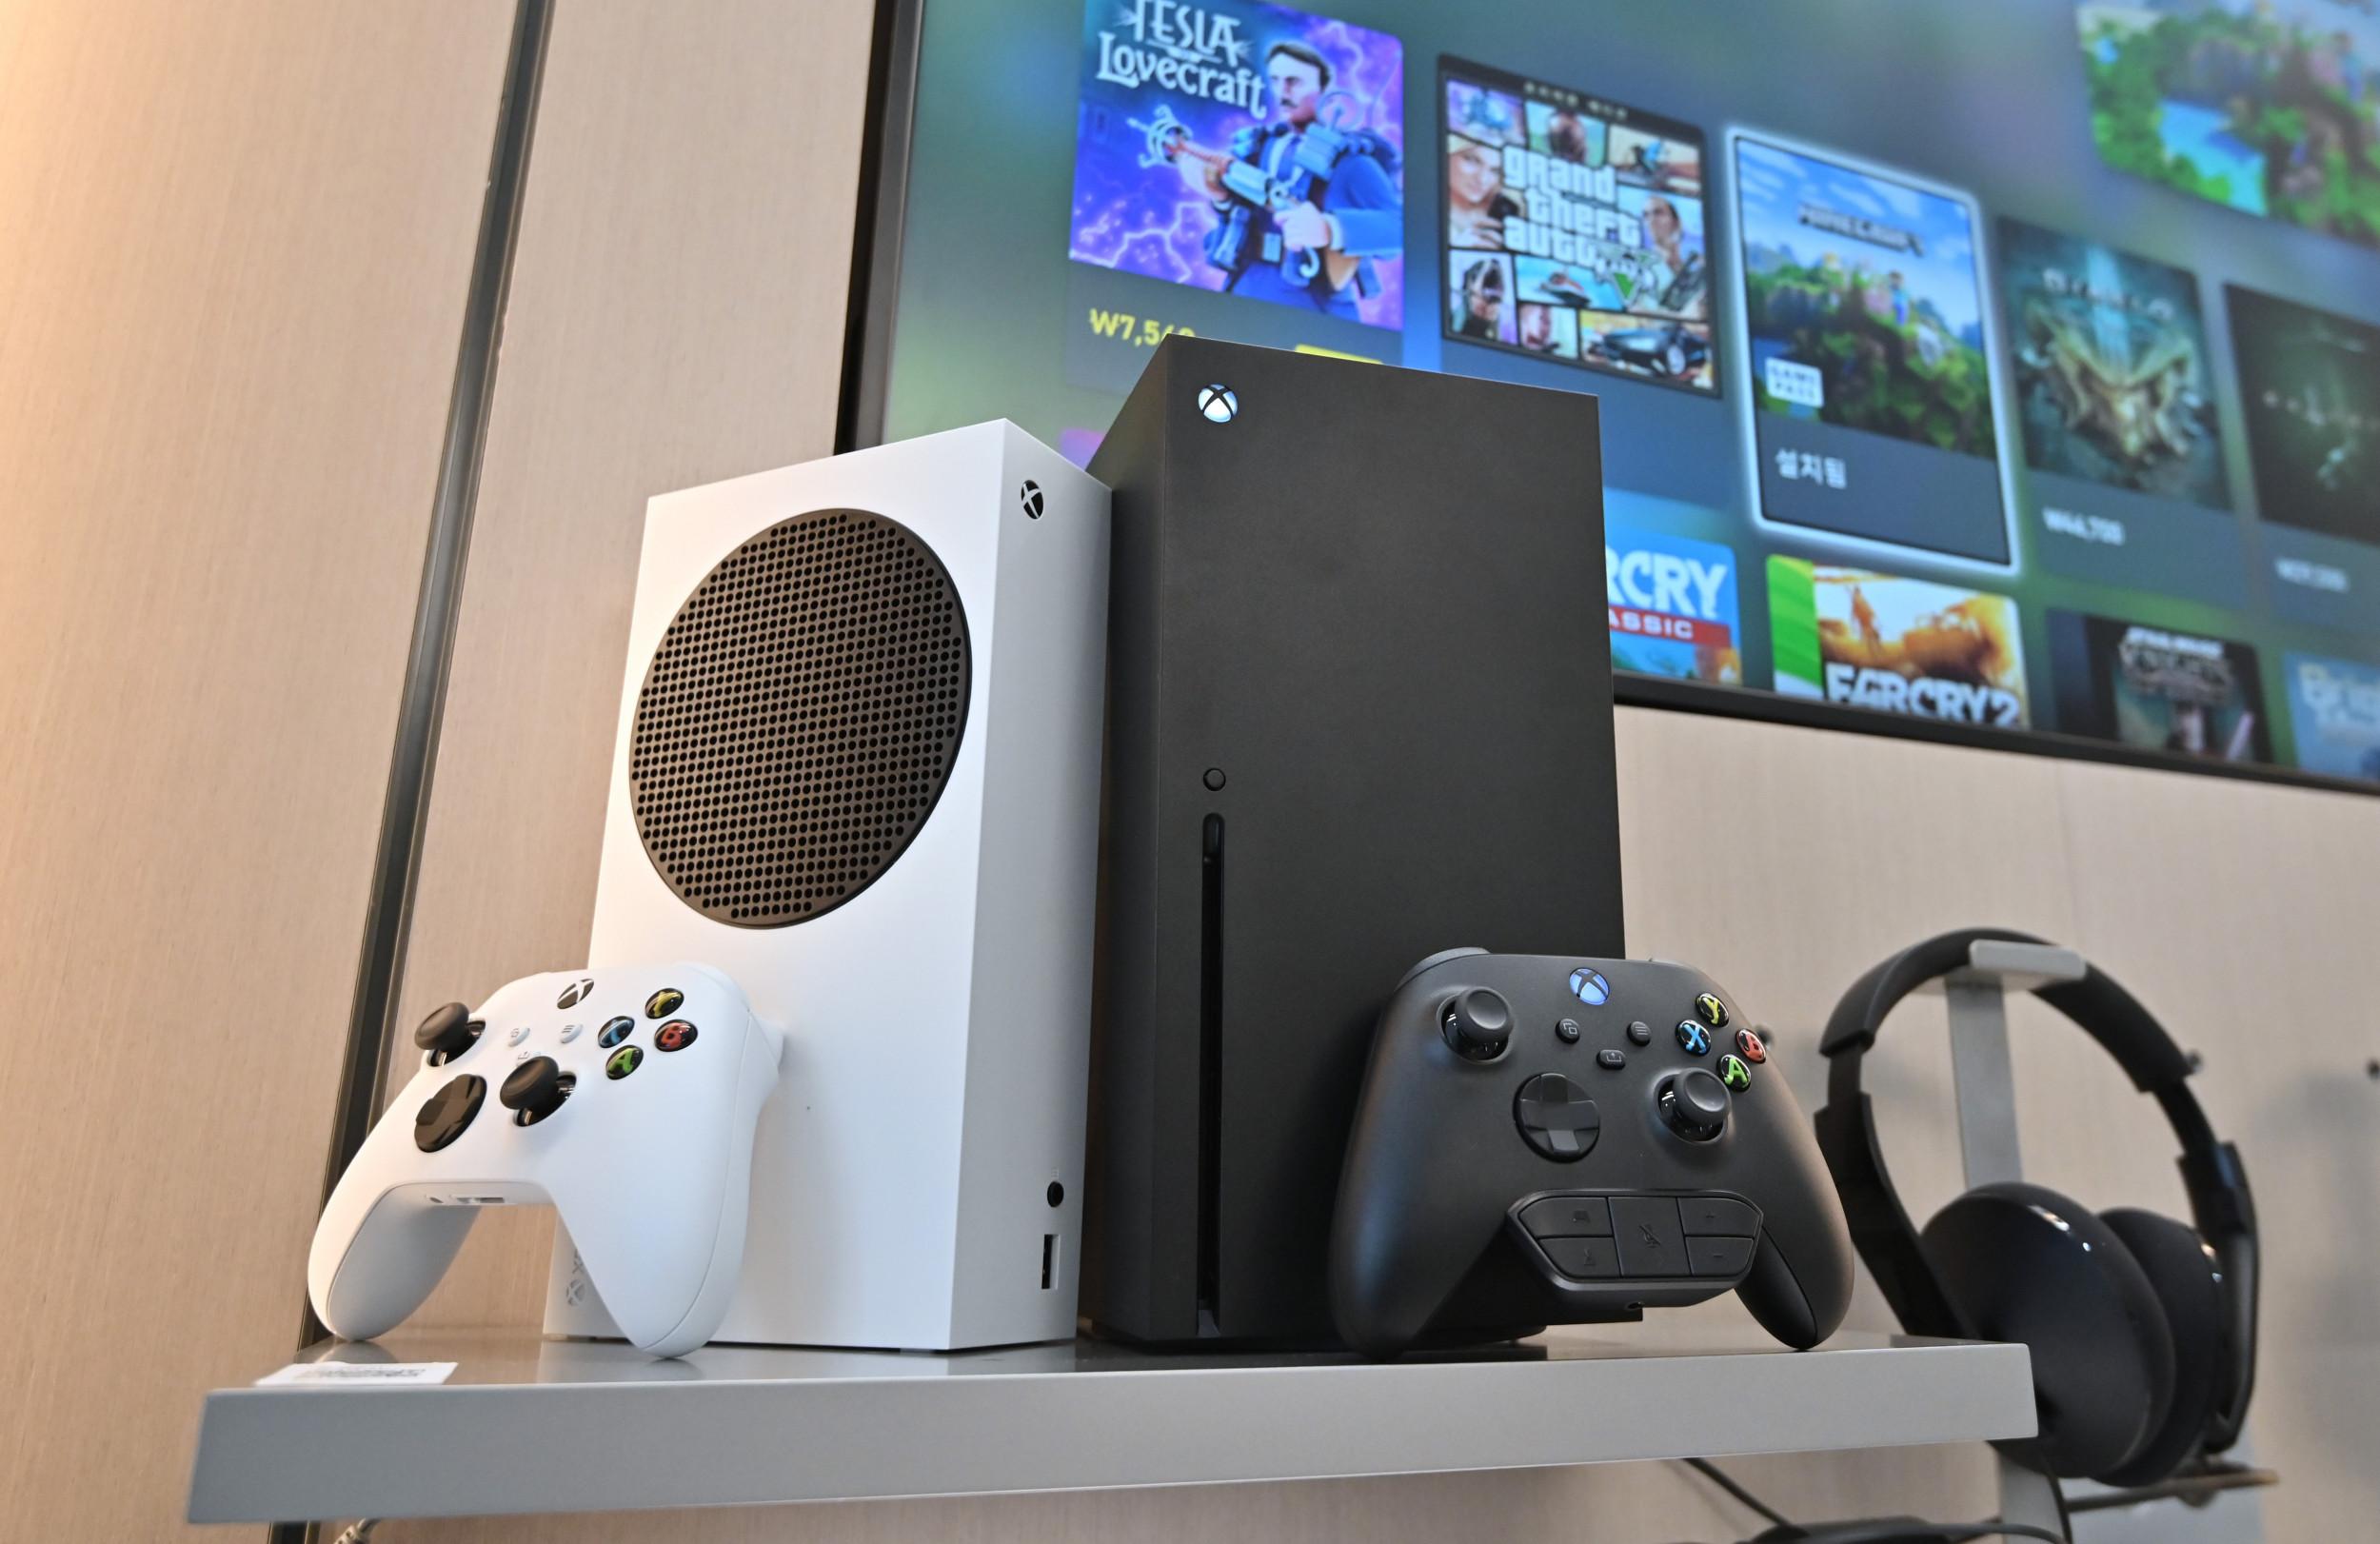 Xbox Series X Restock Updates for GameStop, Best Buy, Walmart and More